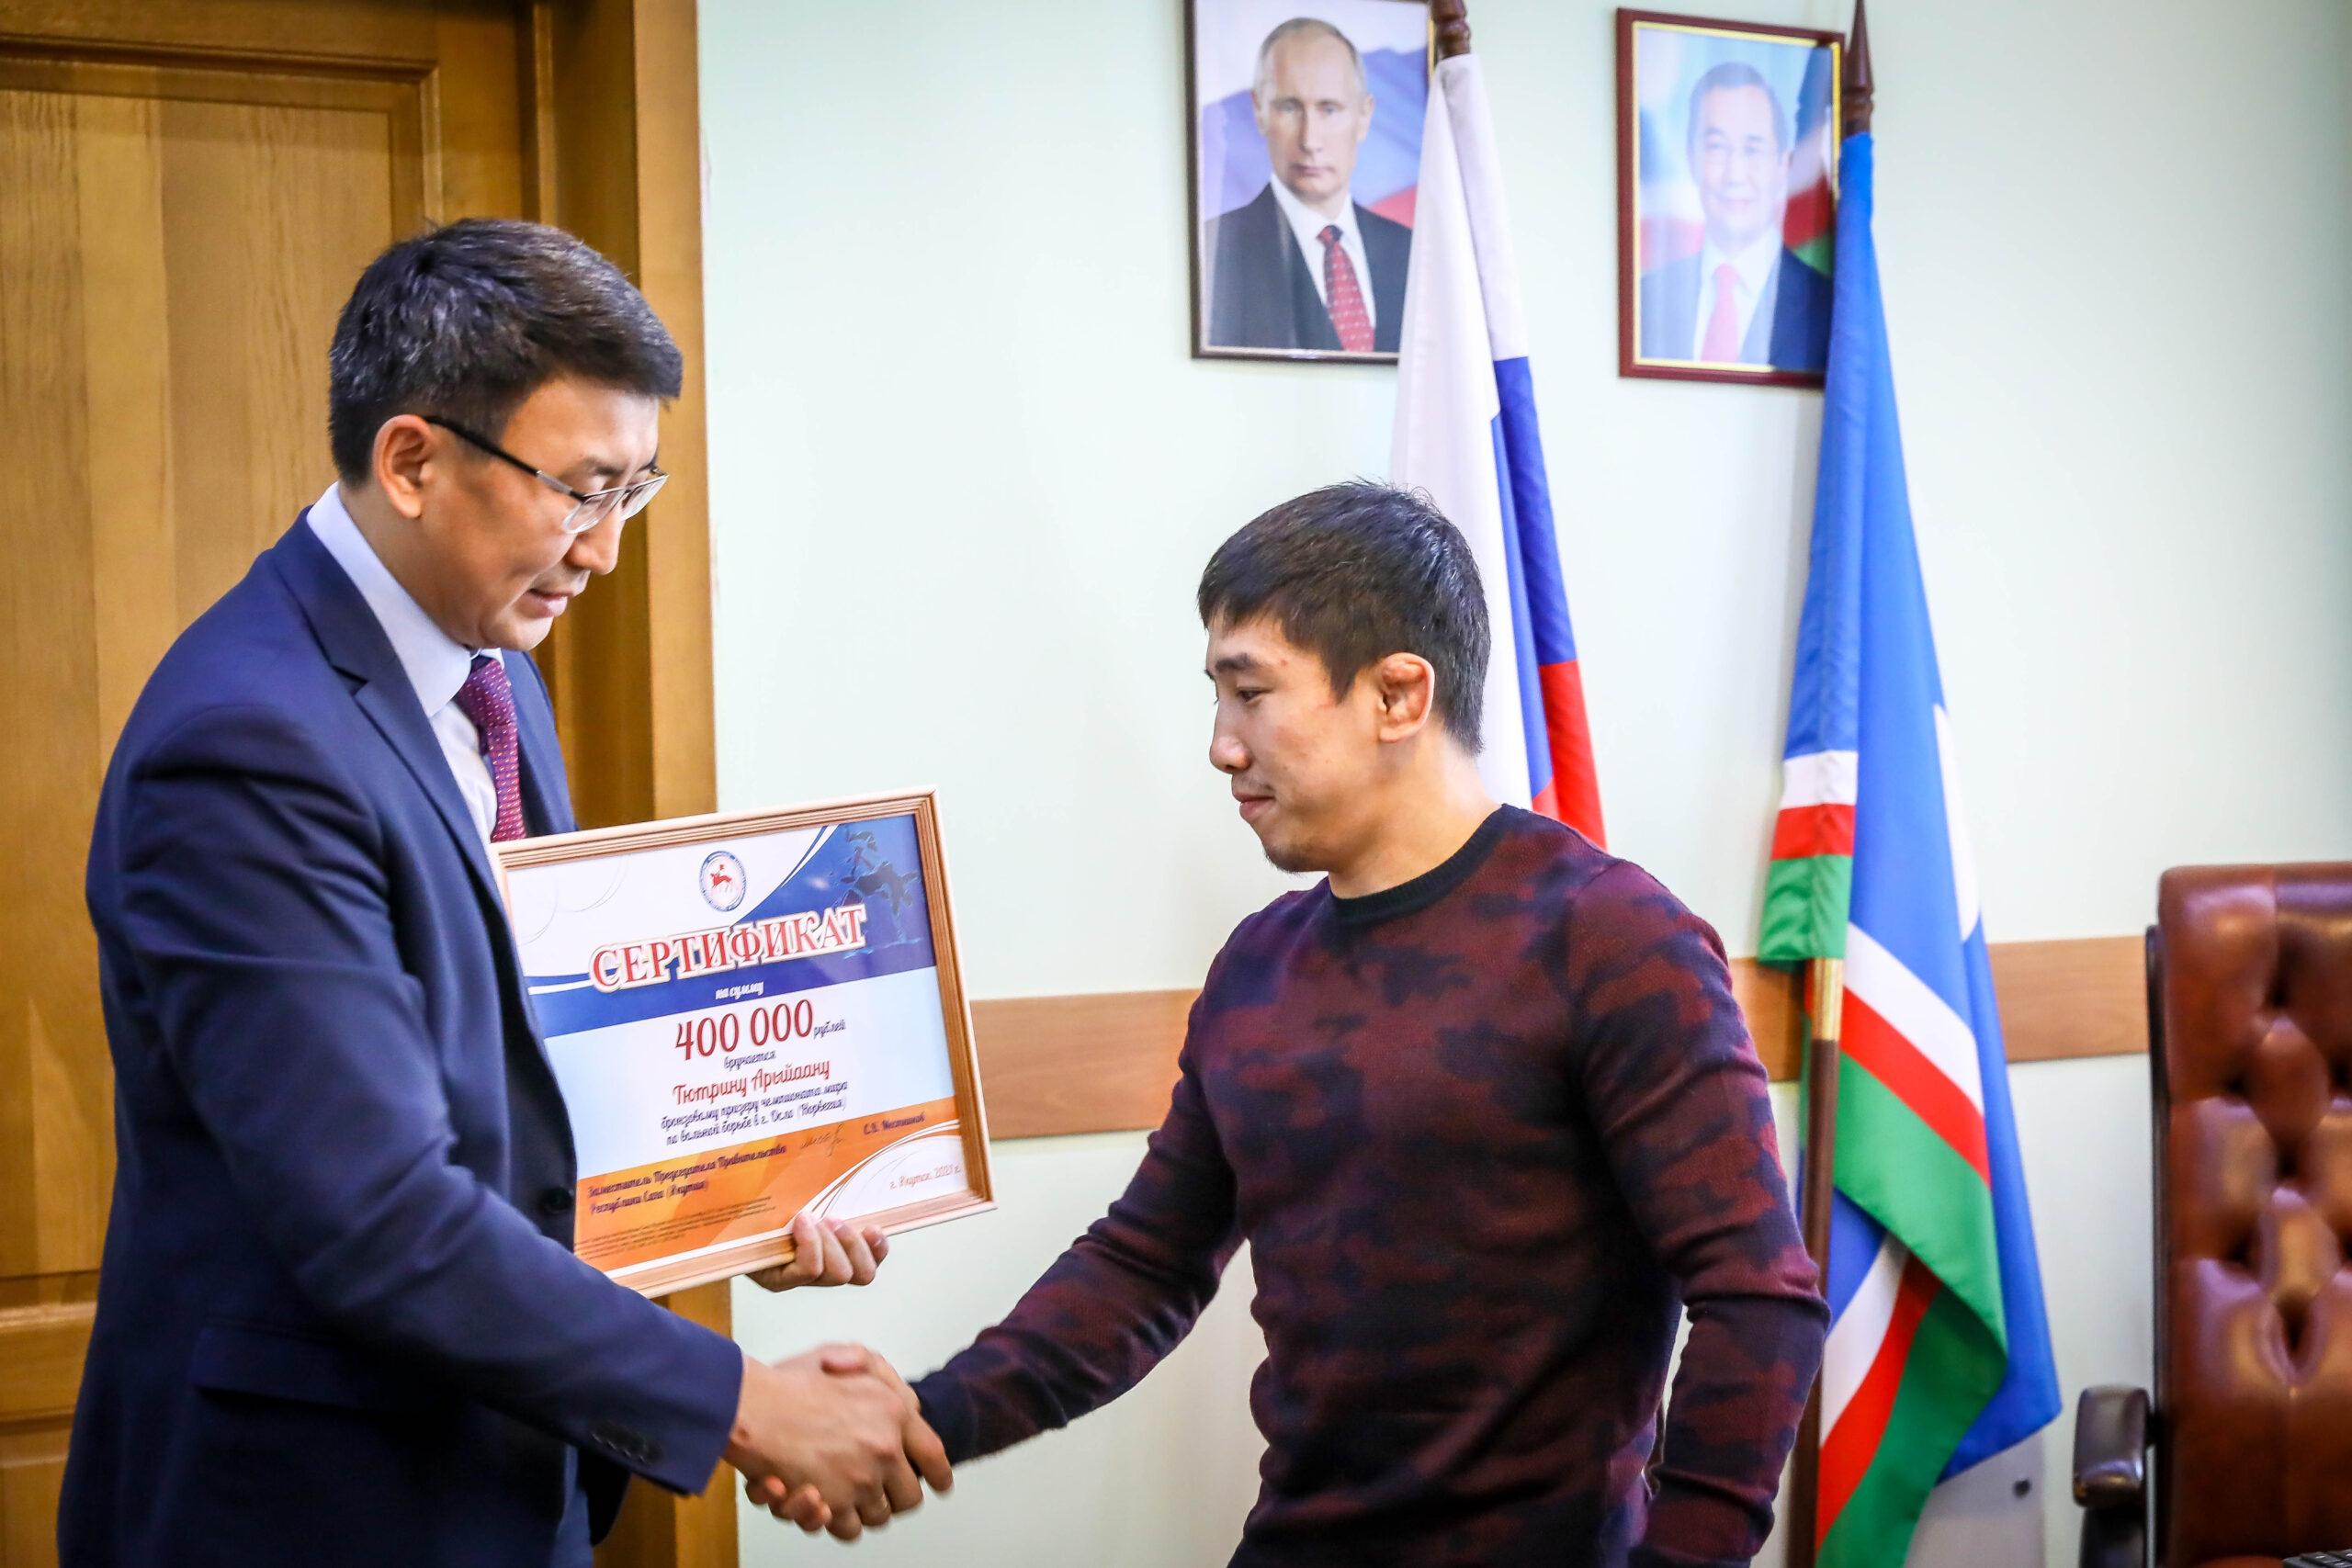 Борцу Арыйаану Тютрину вручили сертификат на сумму 400 тыс рублей от руководства Якутии